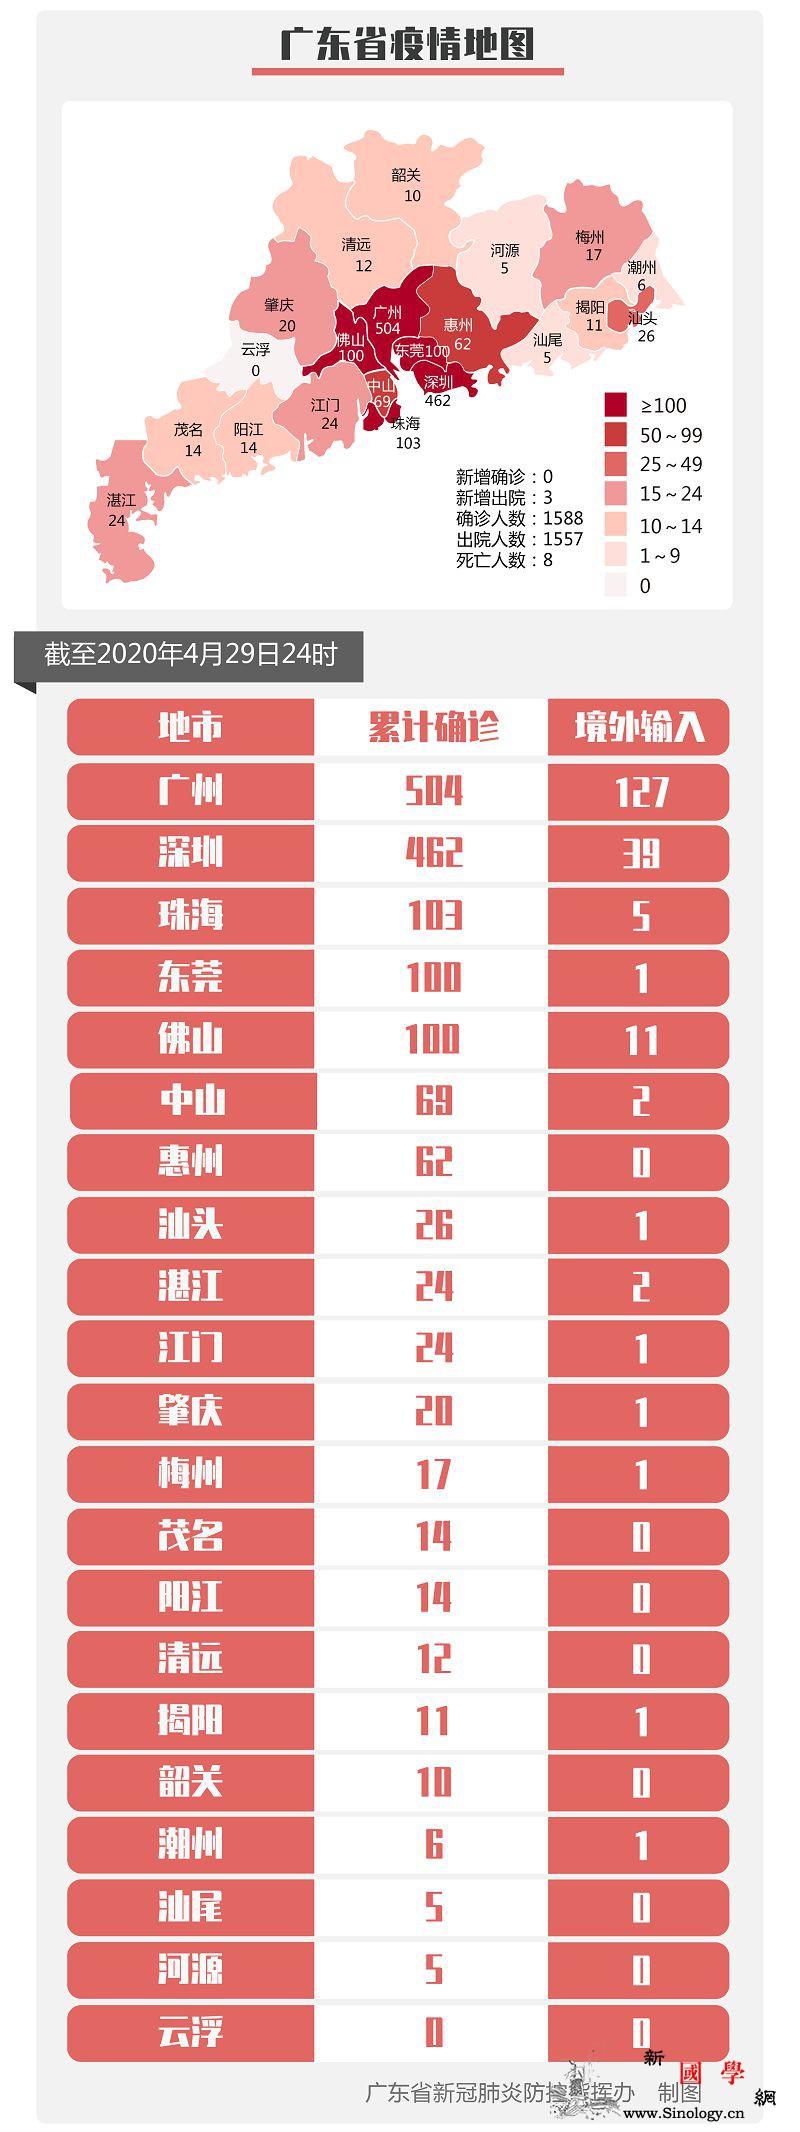 广东新增1例境外输入无症状感染者来自_美国-病例-境外-